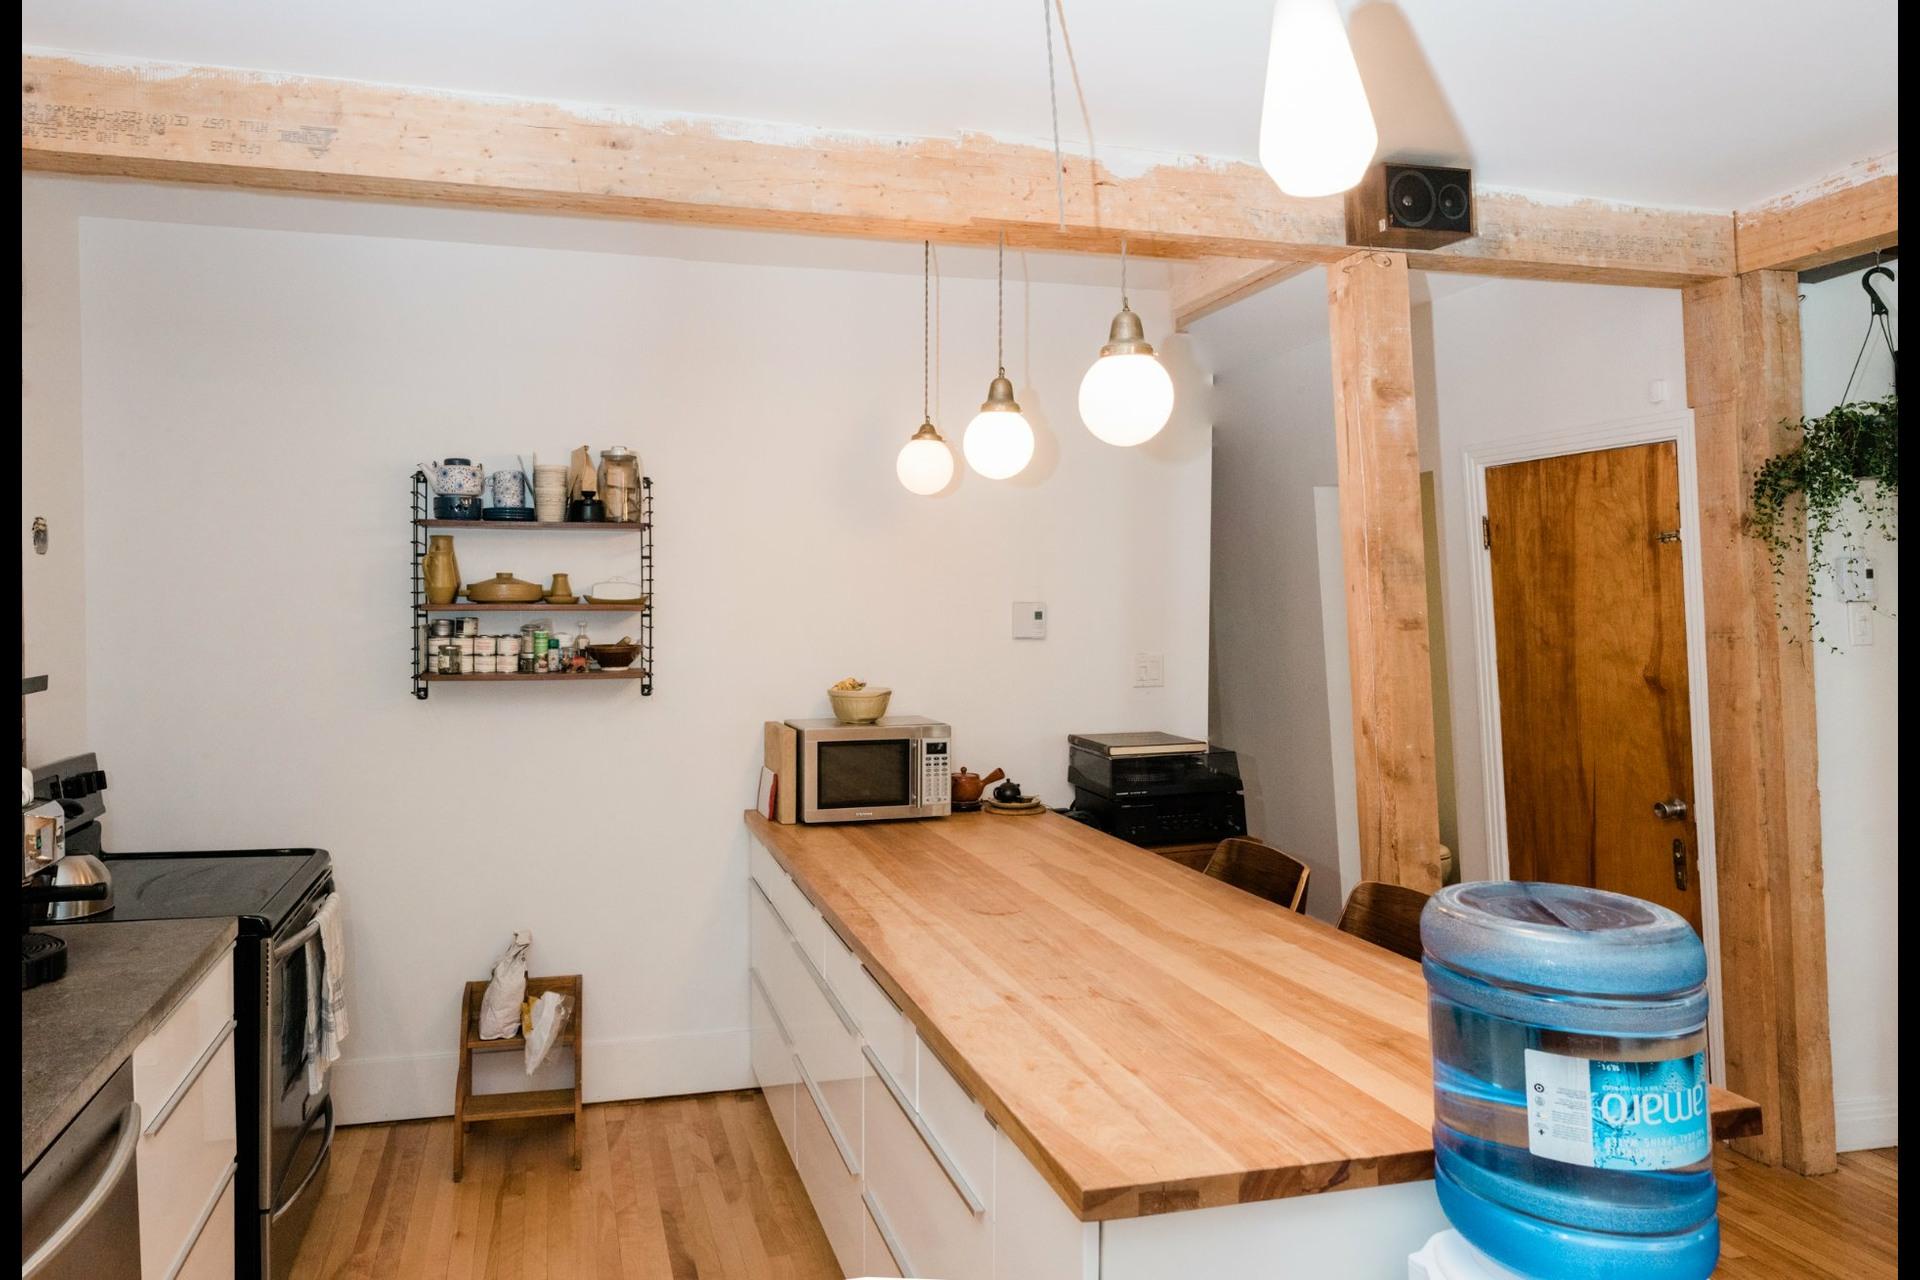 image 2 - Duplex À vendre Villeray/Saint-Michel/Parc-Extension Montréal  - 4 pièces